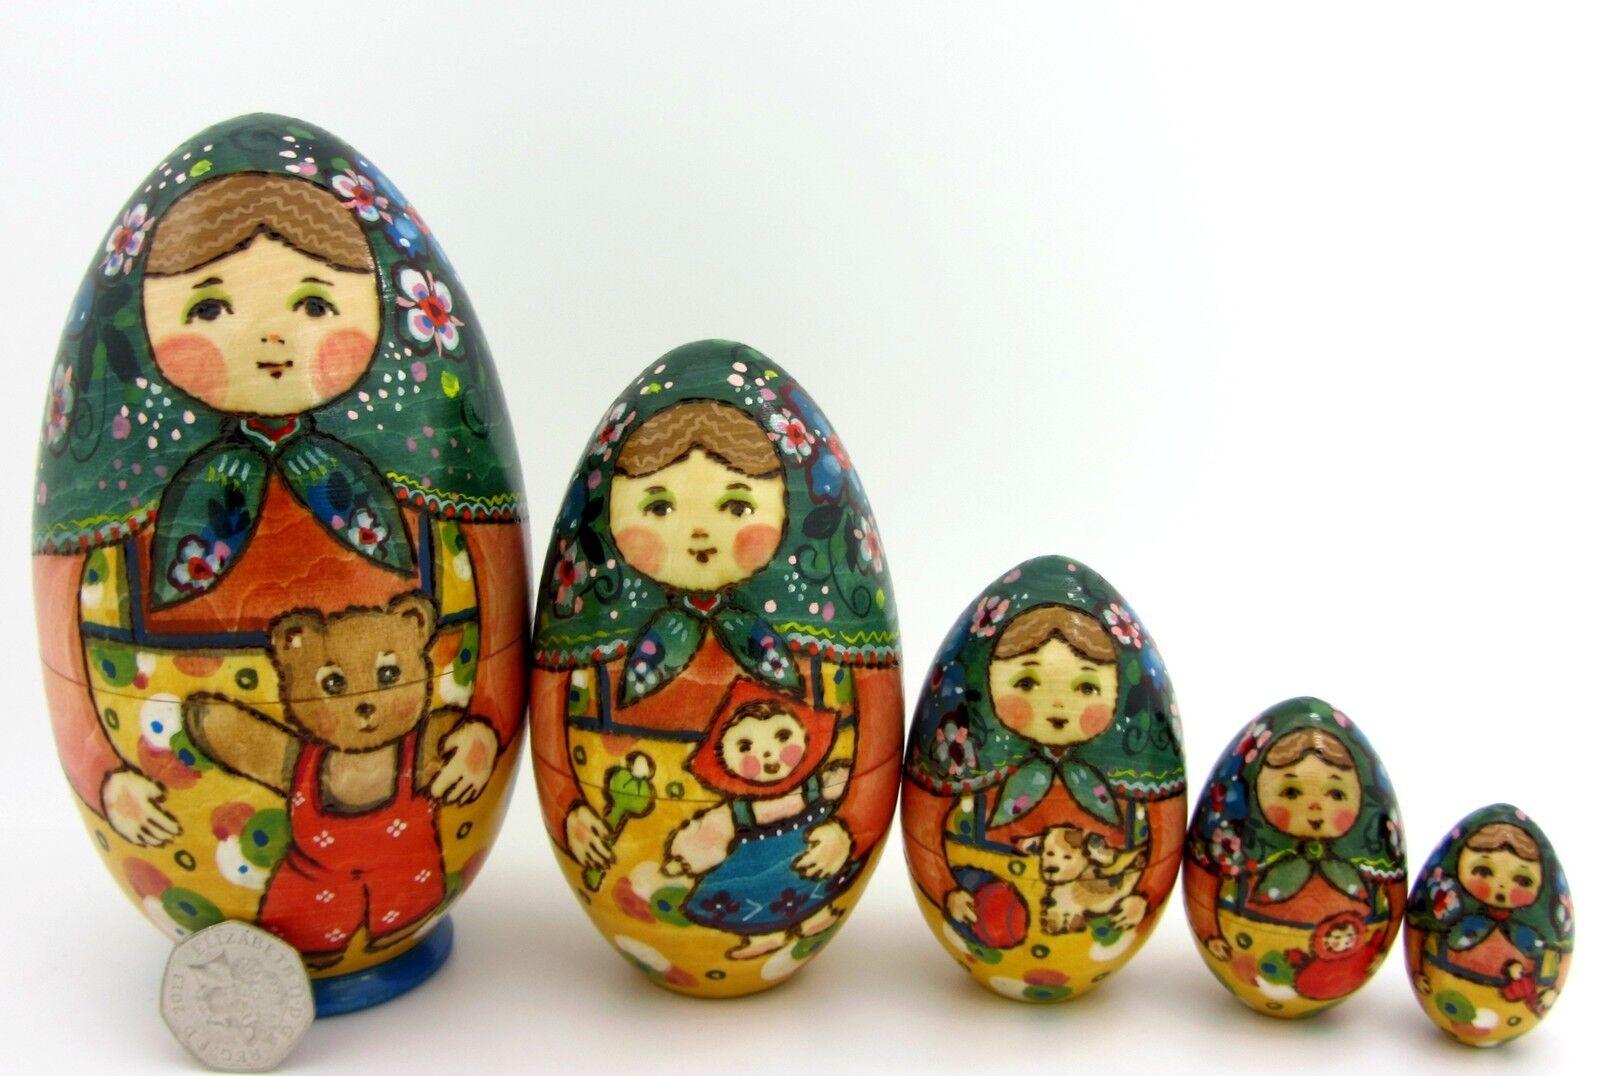 UOVO Ryabova martryoshka Autentico bambole russe a matrioska dipinti a mano 5 Teddy Toys